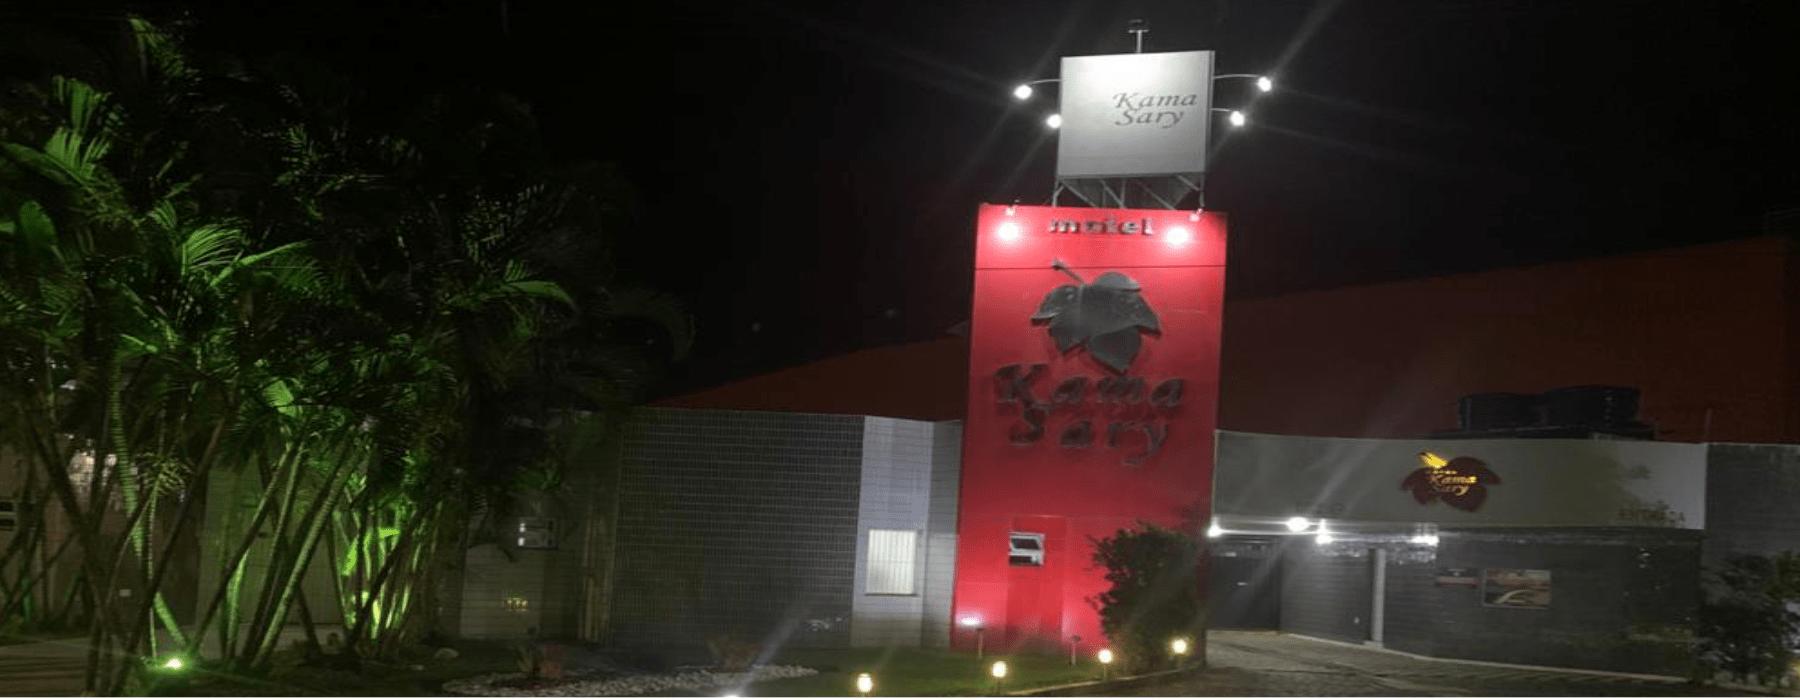 Banner O Motel Kamasary